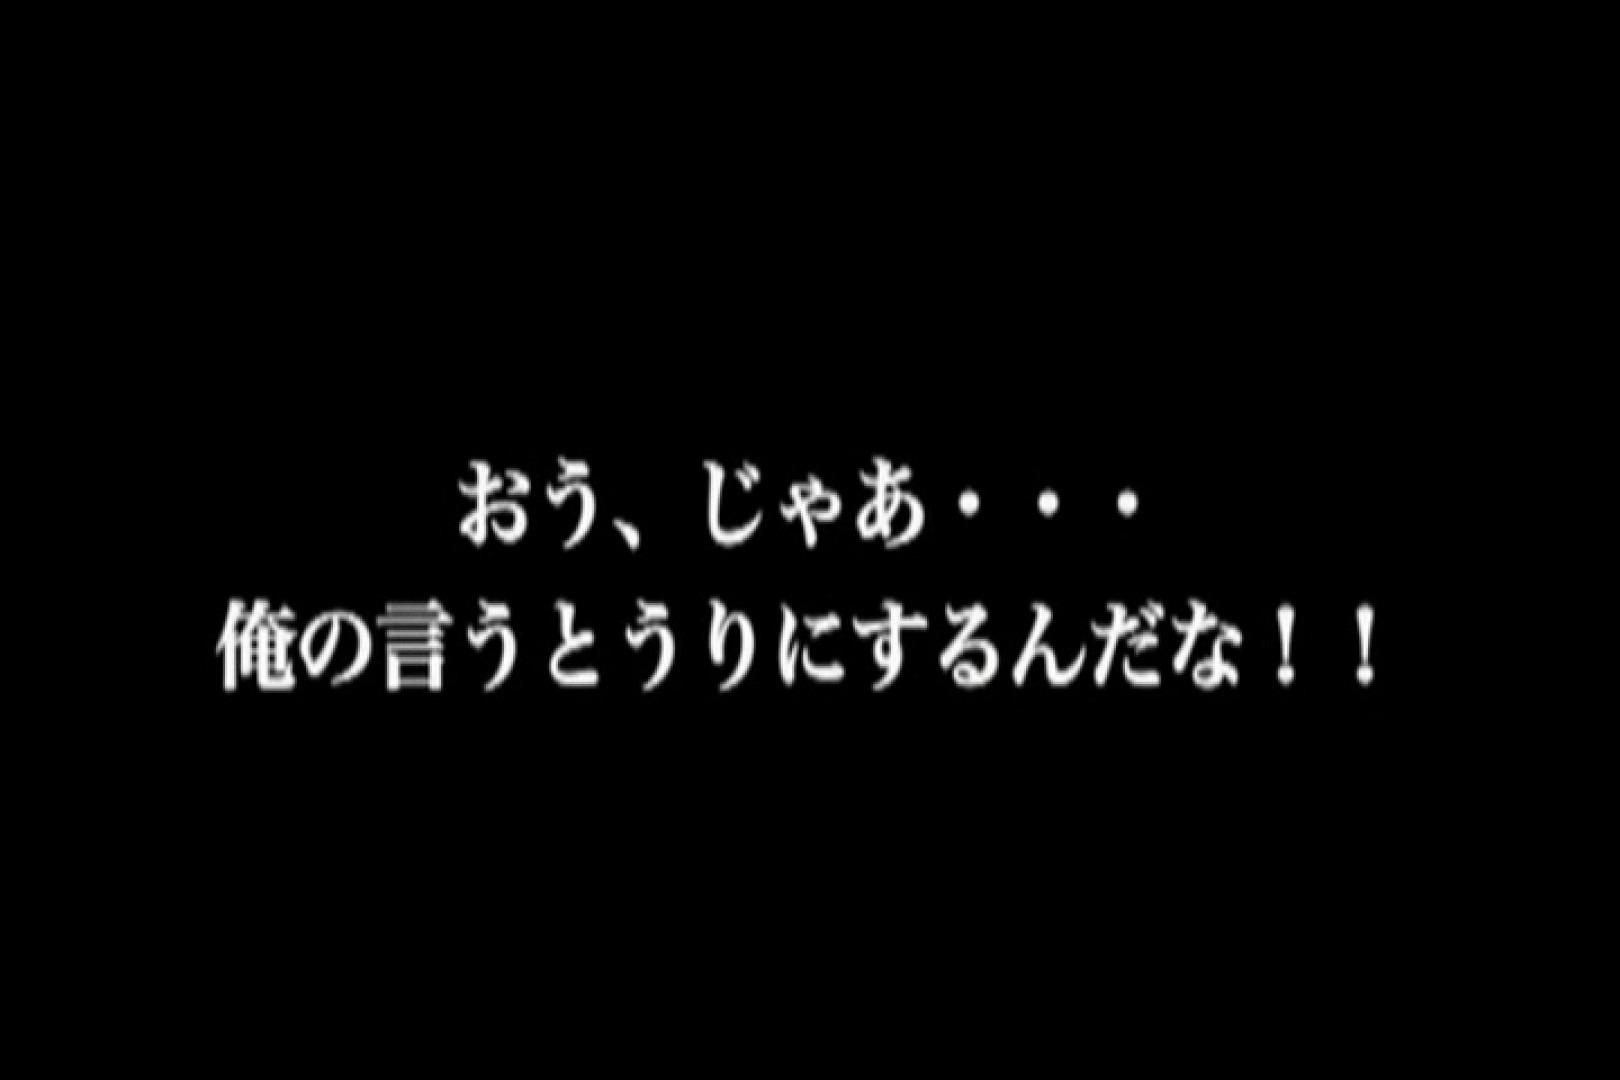 ゲイザーメン動画|押スッ!体育会系、先輩まじっすか?前編|イメージ(エロ)